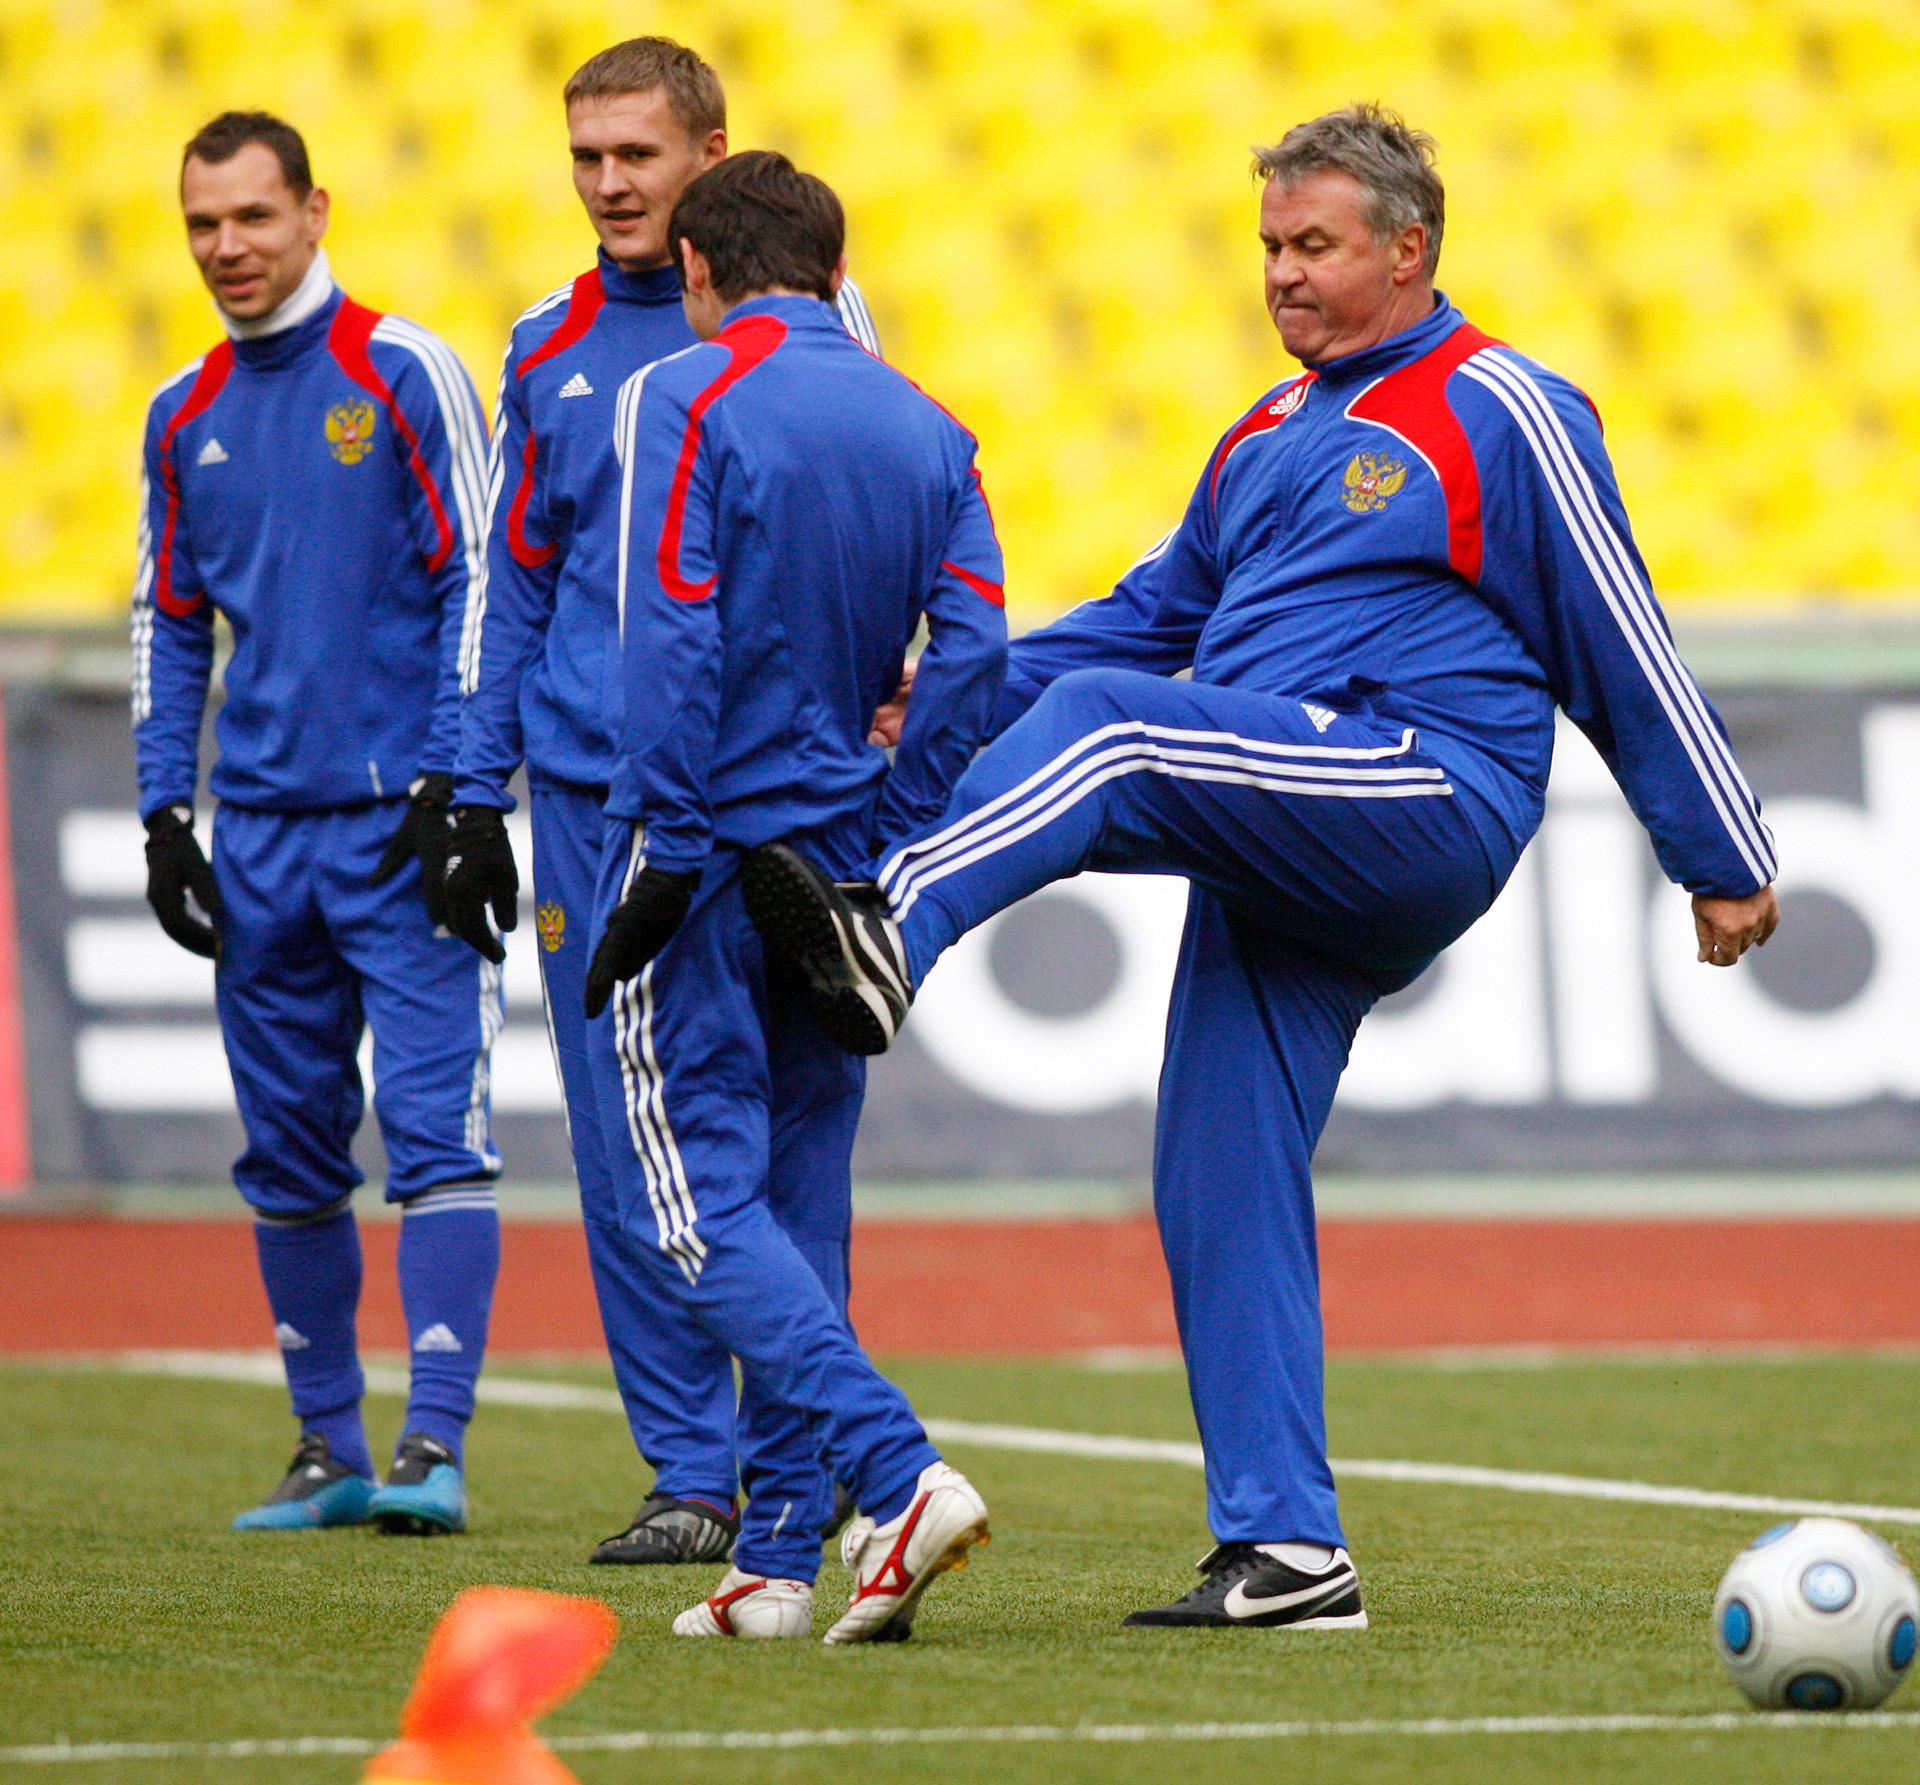 Guus 'si Penyihir' memberikan salah satu pemainnya tendangan (magis). Banyak yang percaya itulah yang dia lakukan untuk sepak bola Rusia.